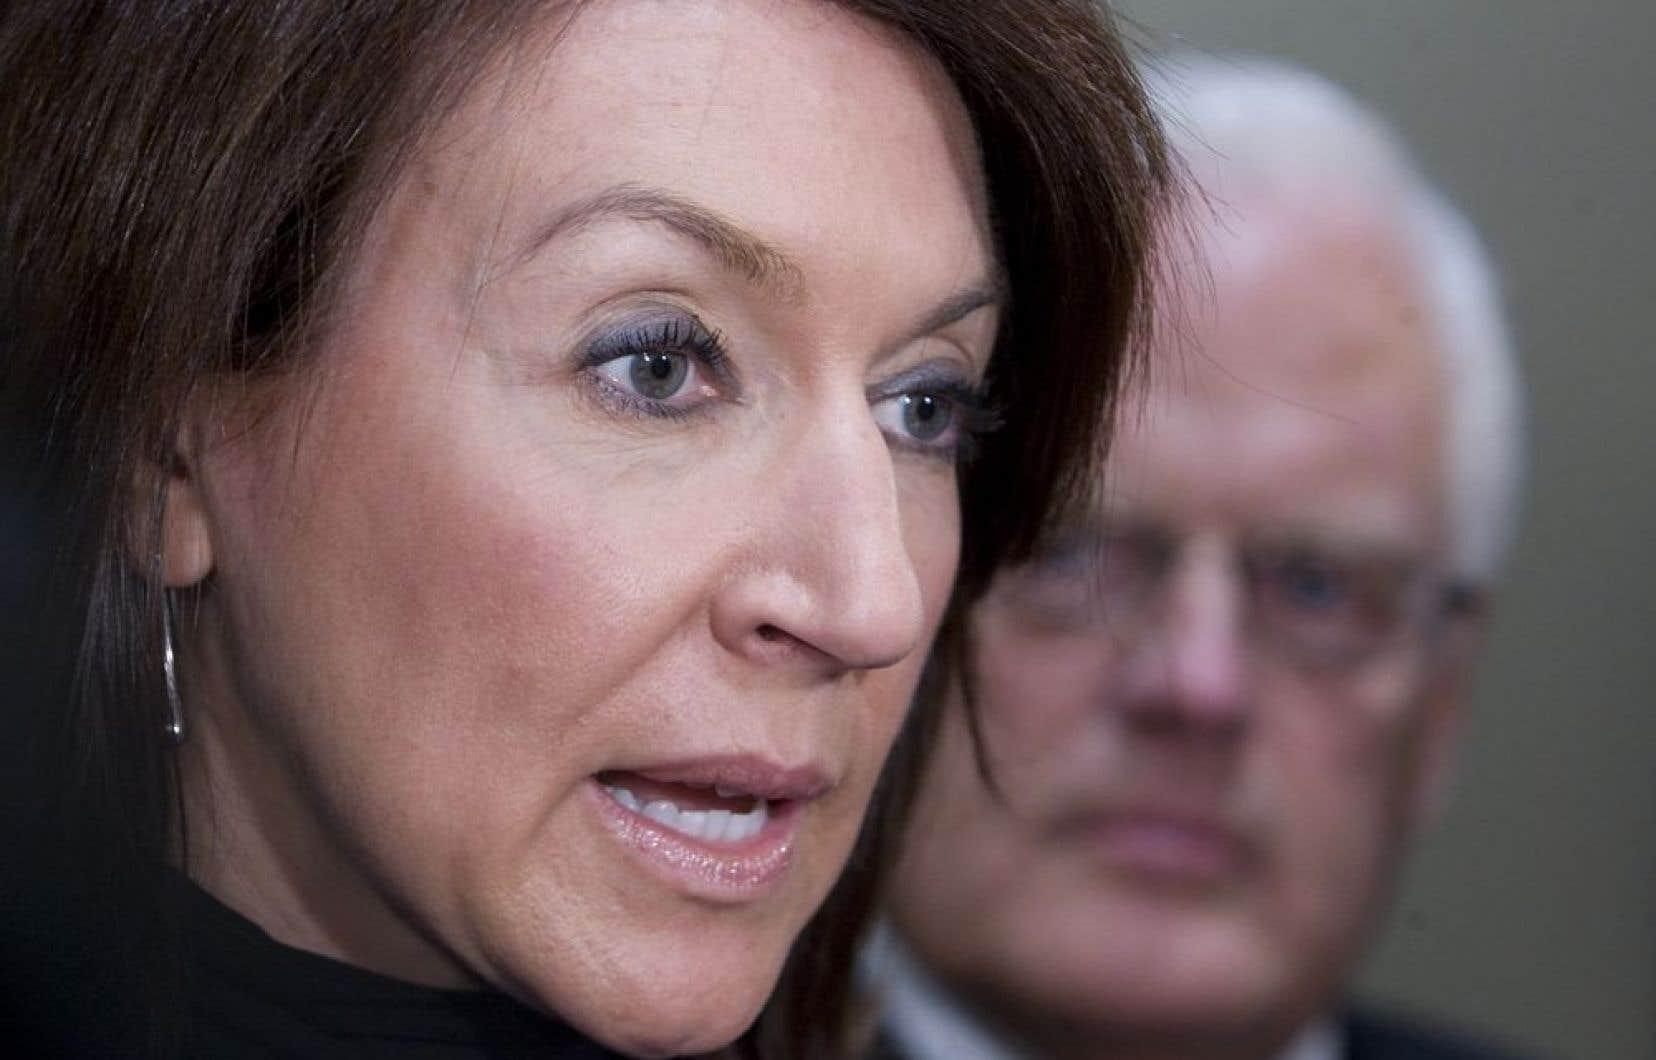 Des fonctionnaires et des élus provinciaux, dont Nathalie Normandeau, sont visés par cette enquête, révèlent des nouveaux documents judiciaires obtenus par un consortium de médias, dont fait partie Le Devoir.